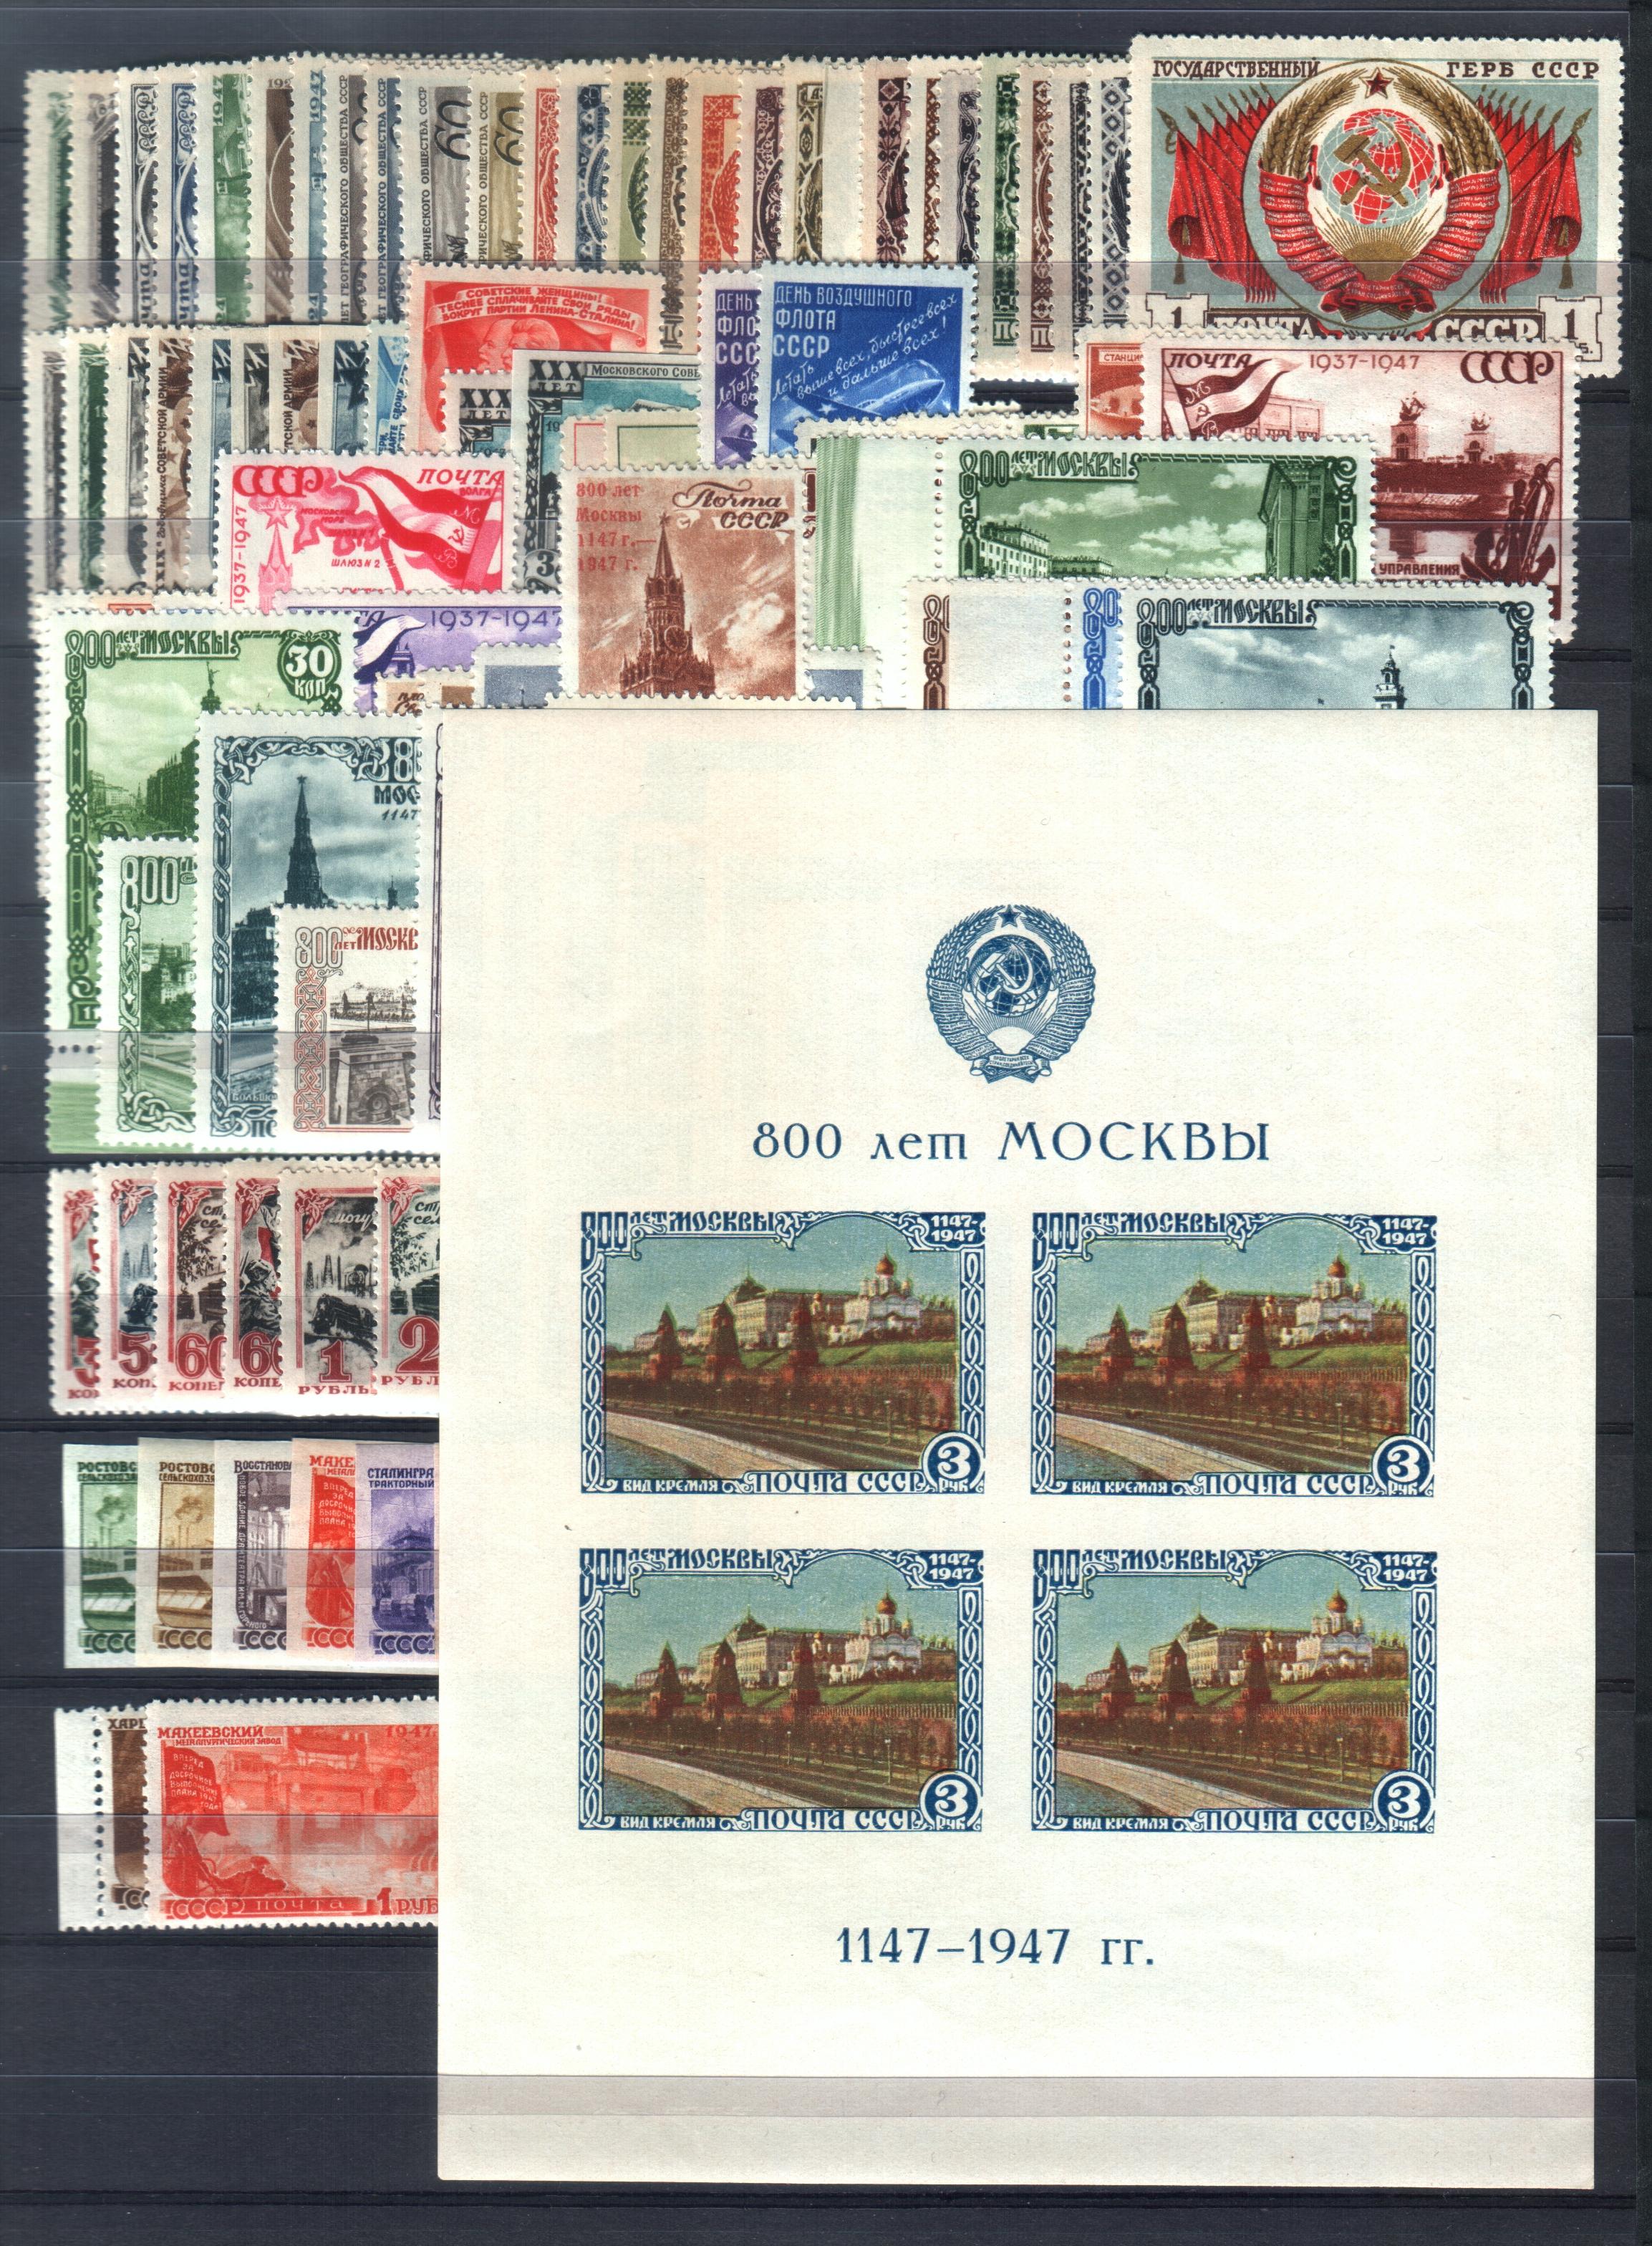 Годовой набор почтовых марок СССР 1947 год, 119 марок, 1 почтовый блок.